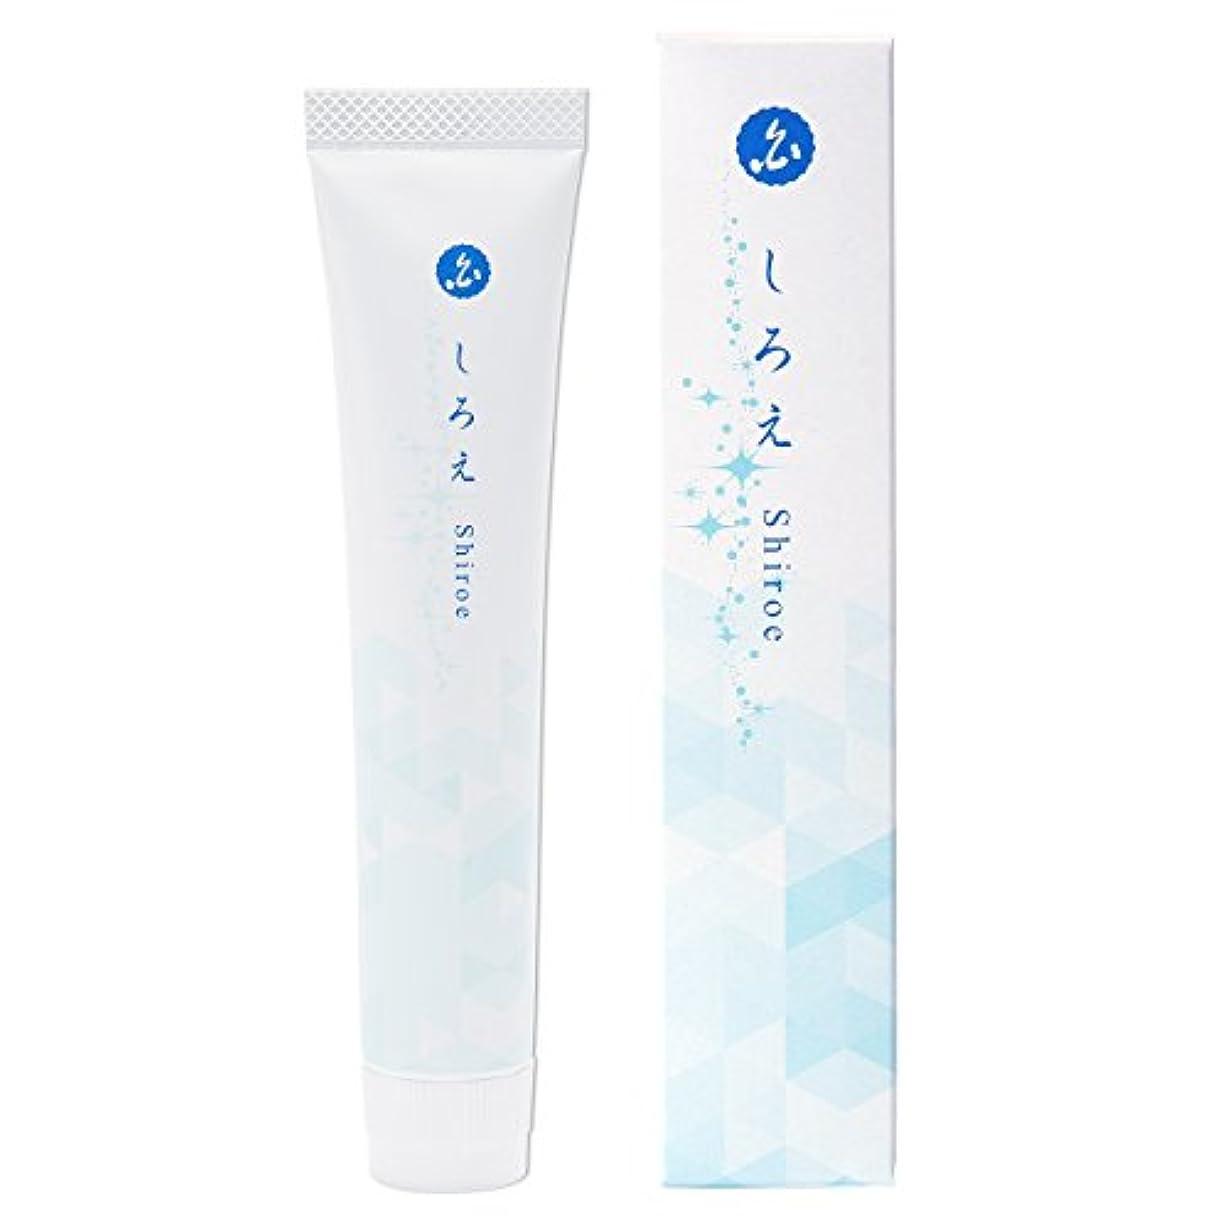 シプリー不運同僚しろえ 歯磨きジェル 薬用 ホワイトニング歯磨き粉 医薬部外品 はみがき粉 50g 日本製